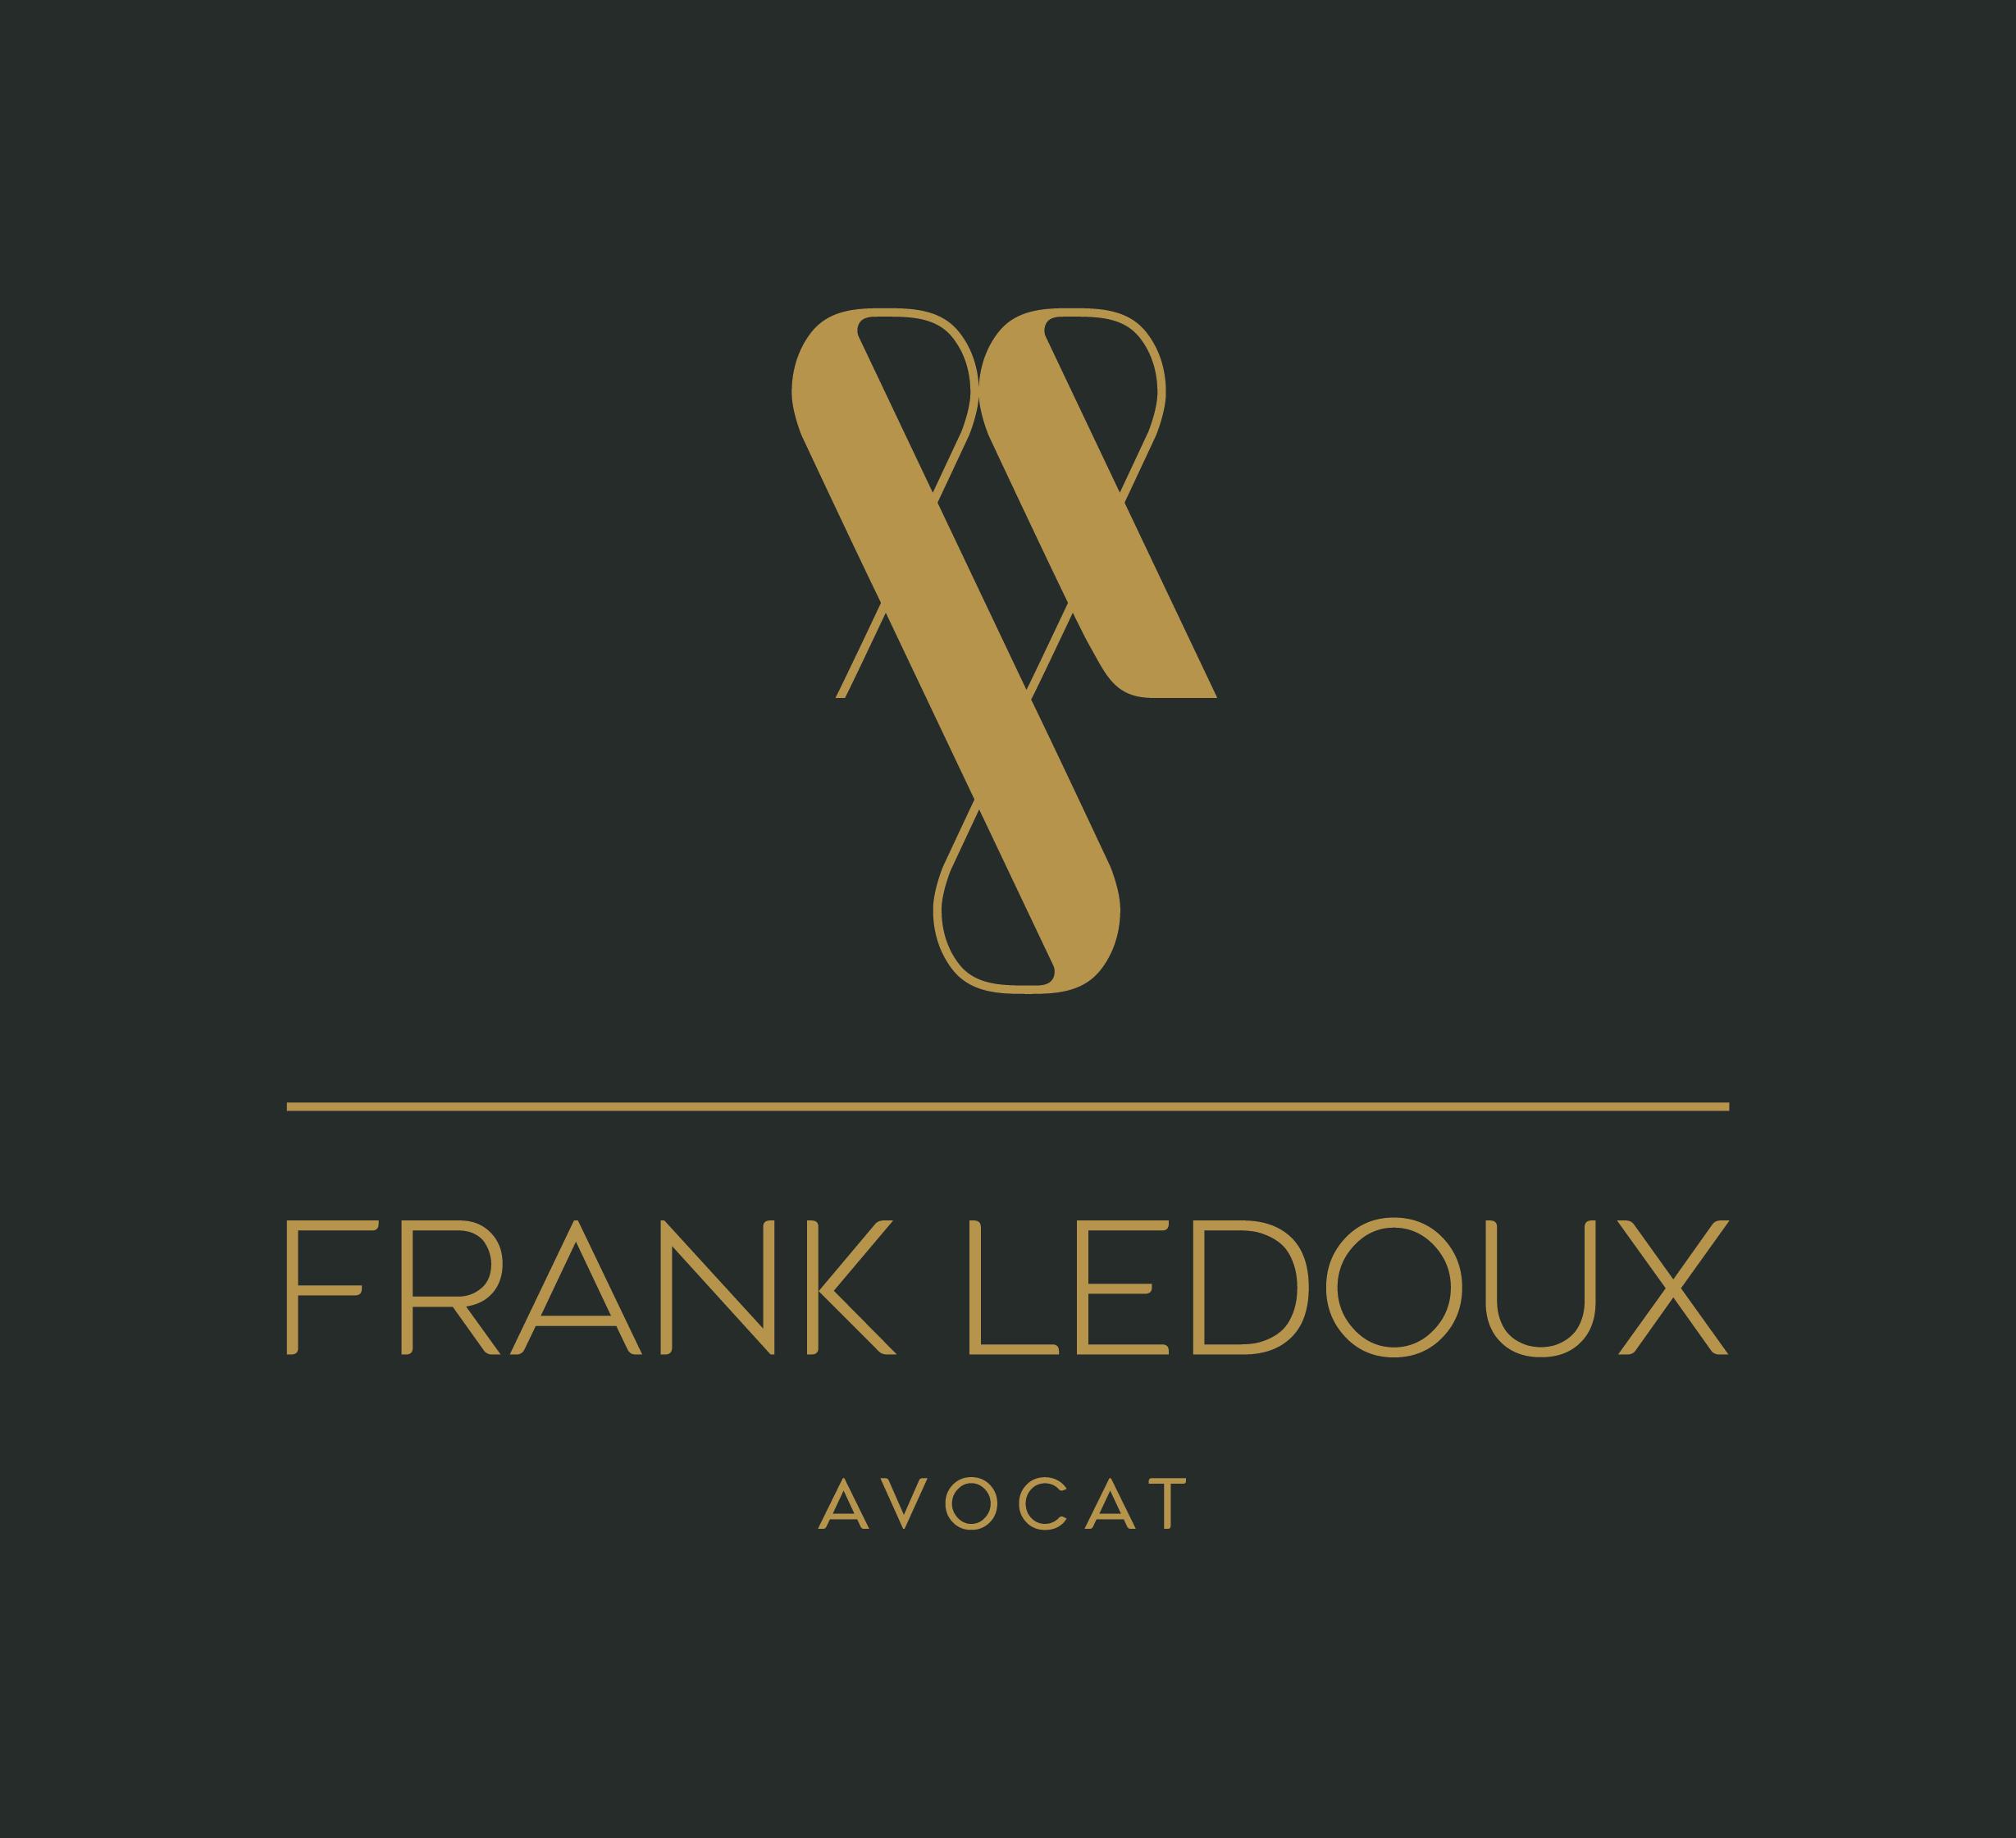 Frank Ledoux avocat Bordeaux